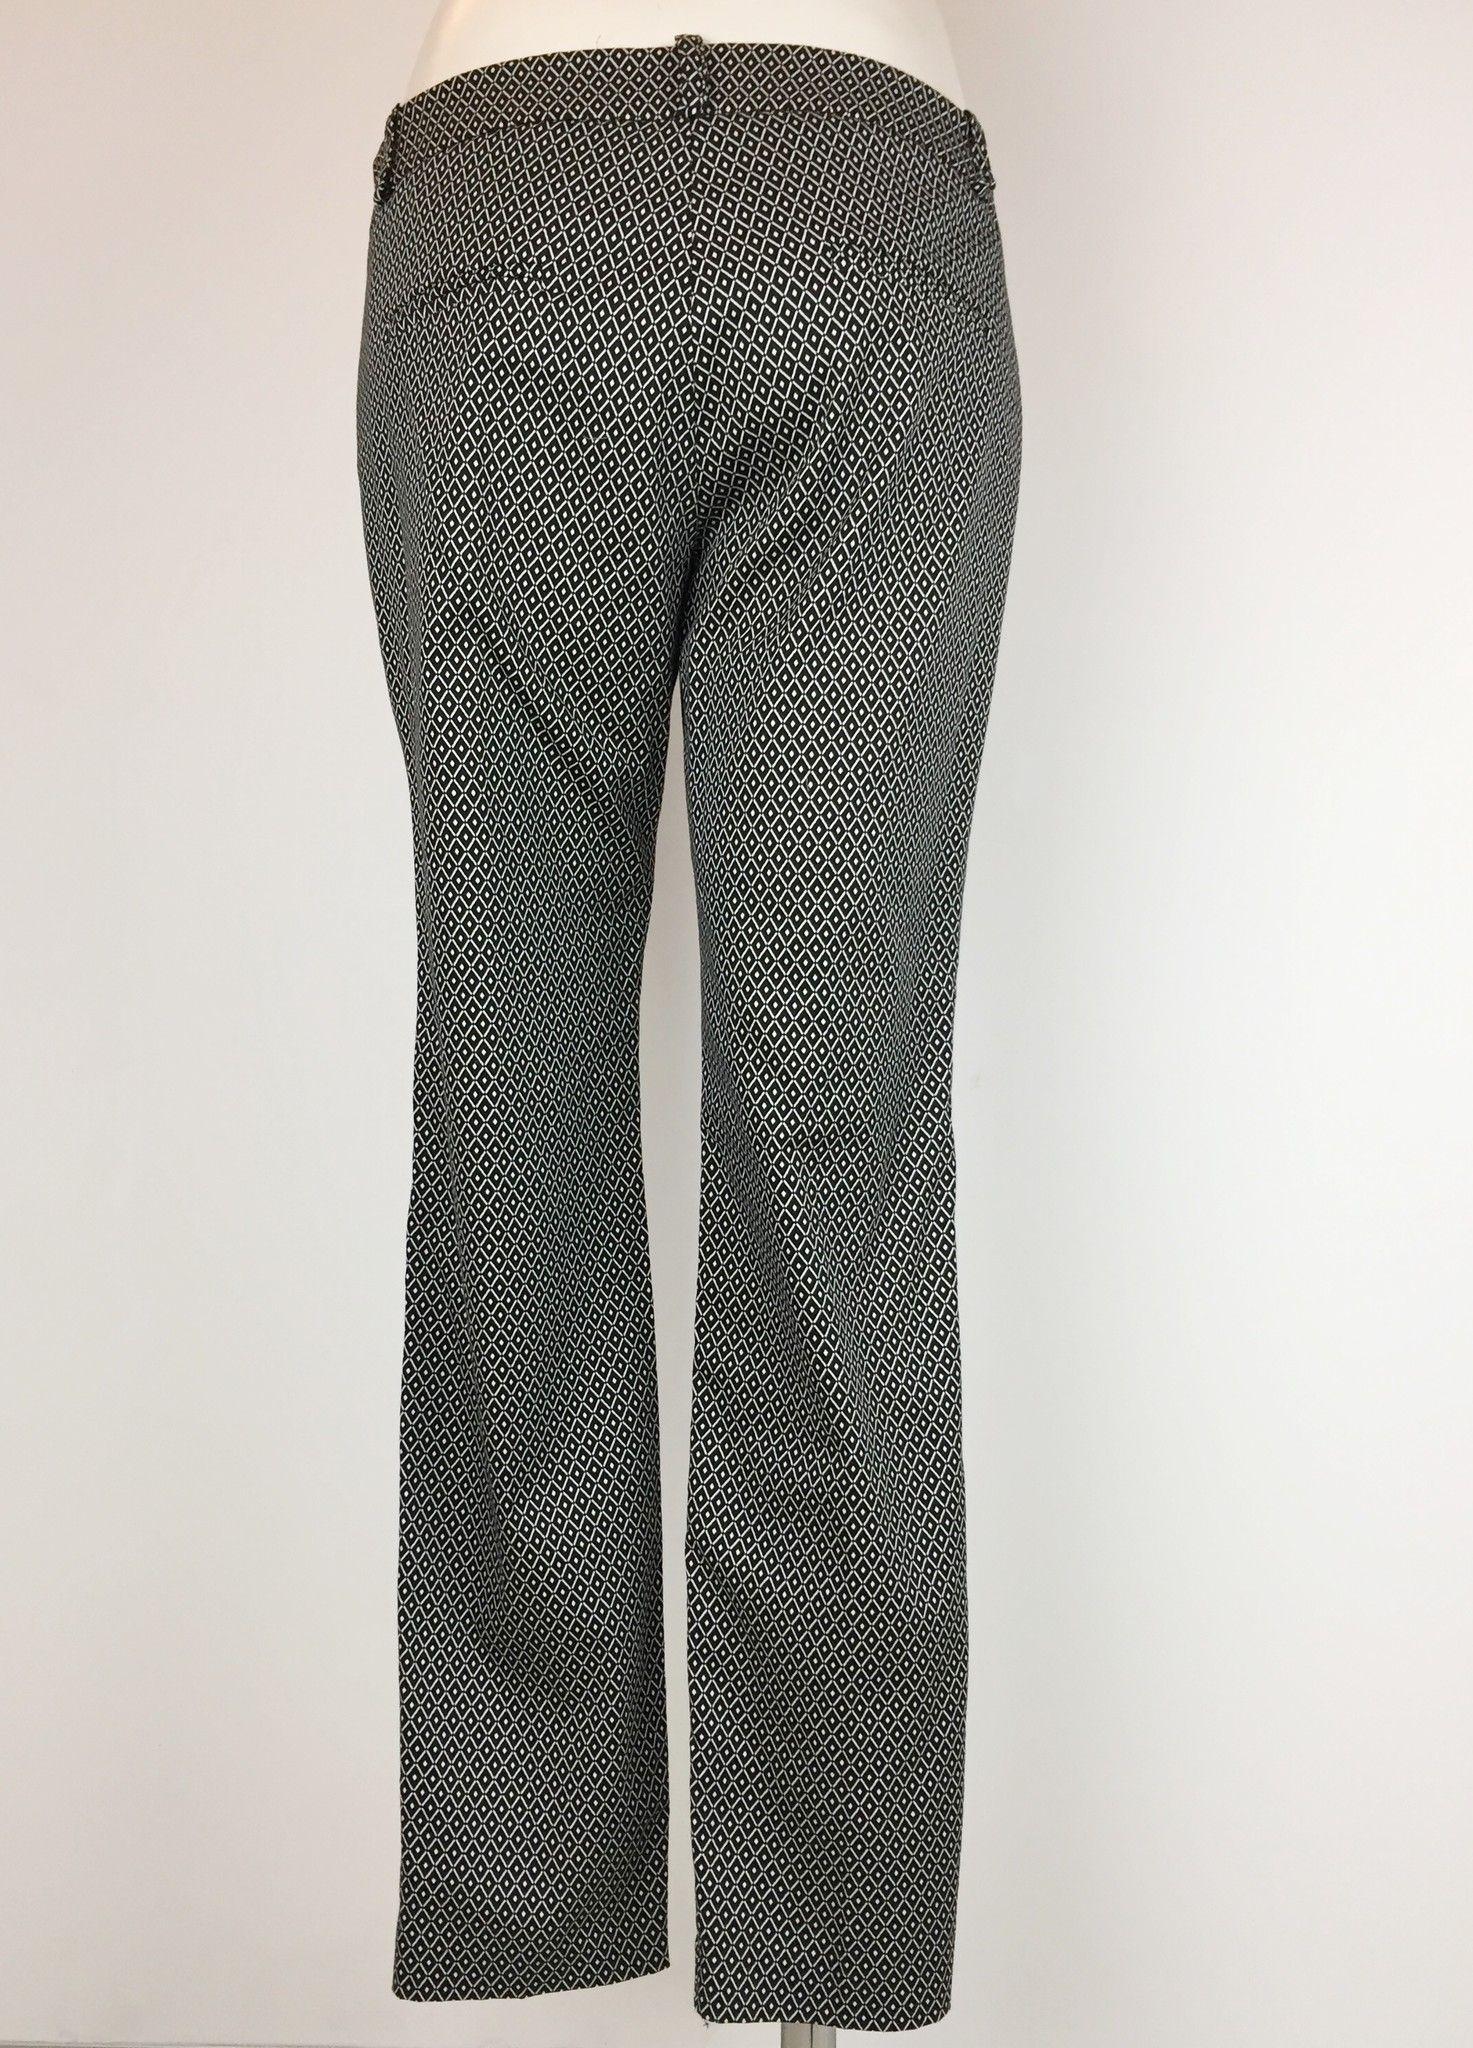 Privè Optical Print Trousers Cod.10621/445